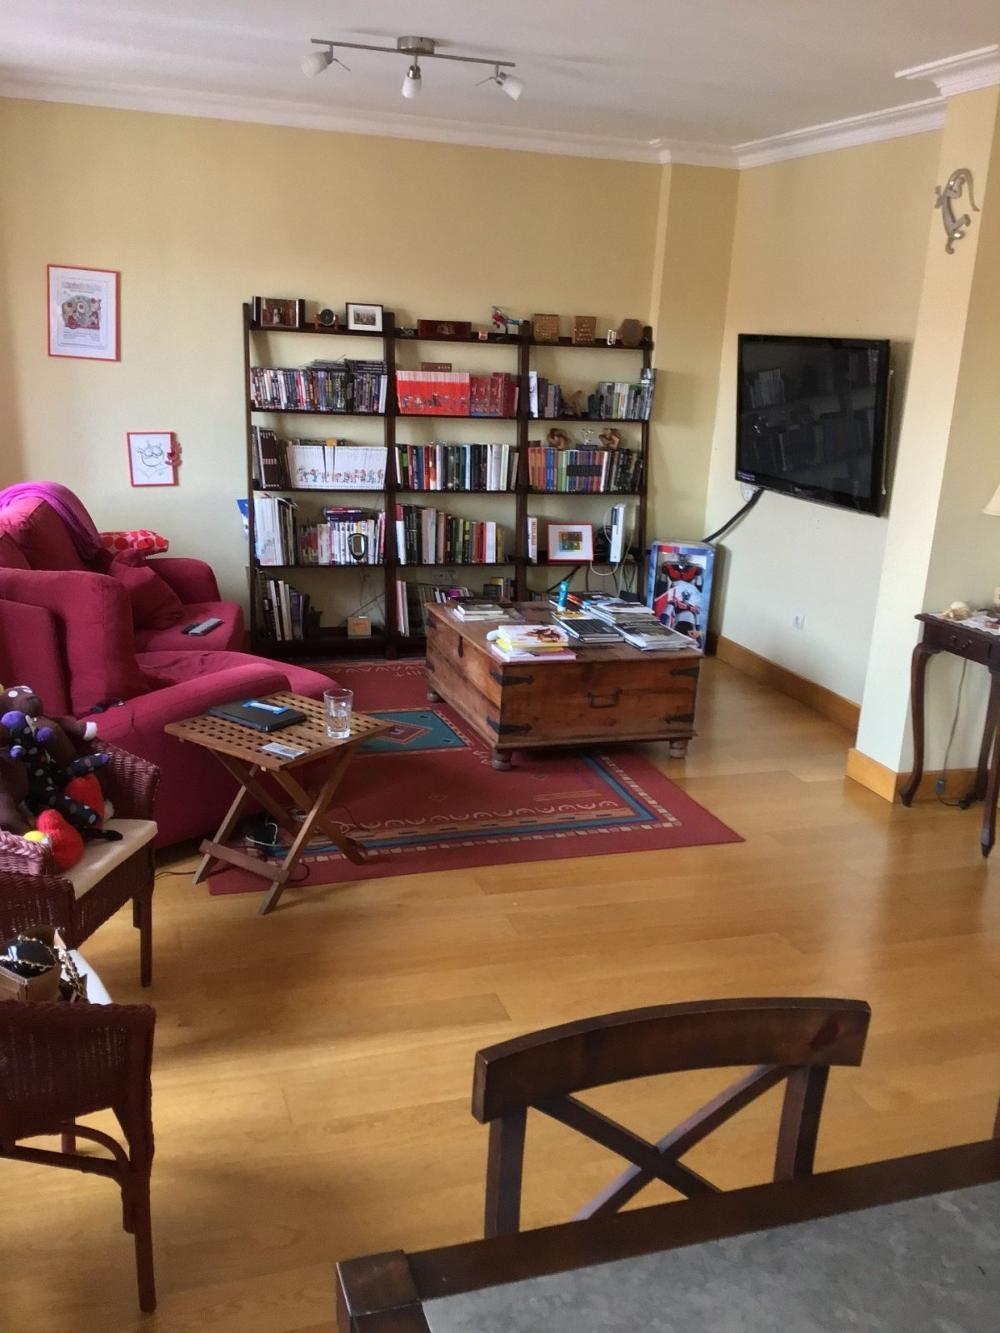 valladolid centro 47001 valladolid lägenhet foto 3751437